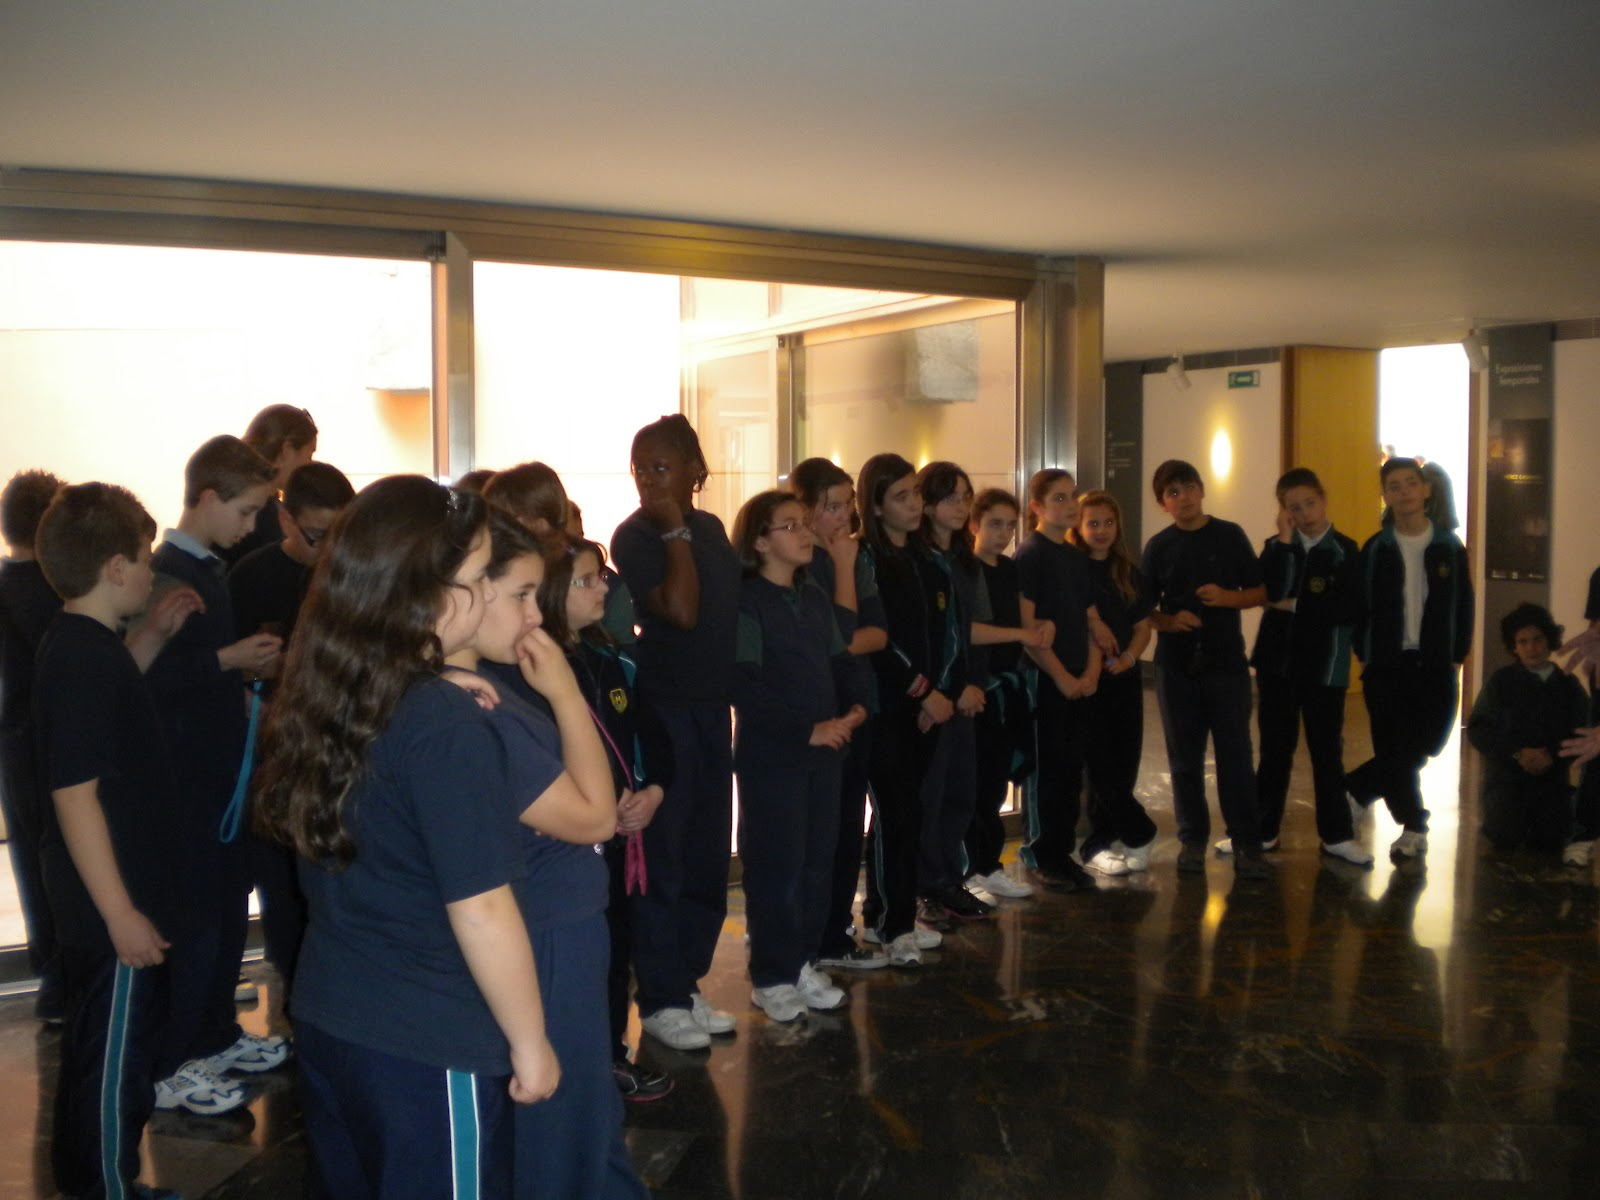 Colegio Ana María Matute Tercer Ciclo Primaria: ¡Qué bien lo pasamos y  cuánto hemos aprendido en nuestra excursión a Cartagena!